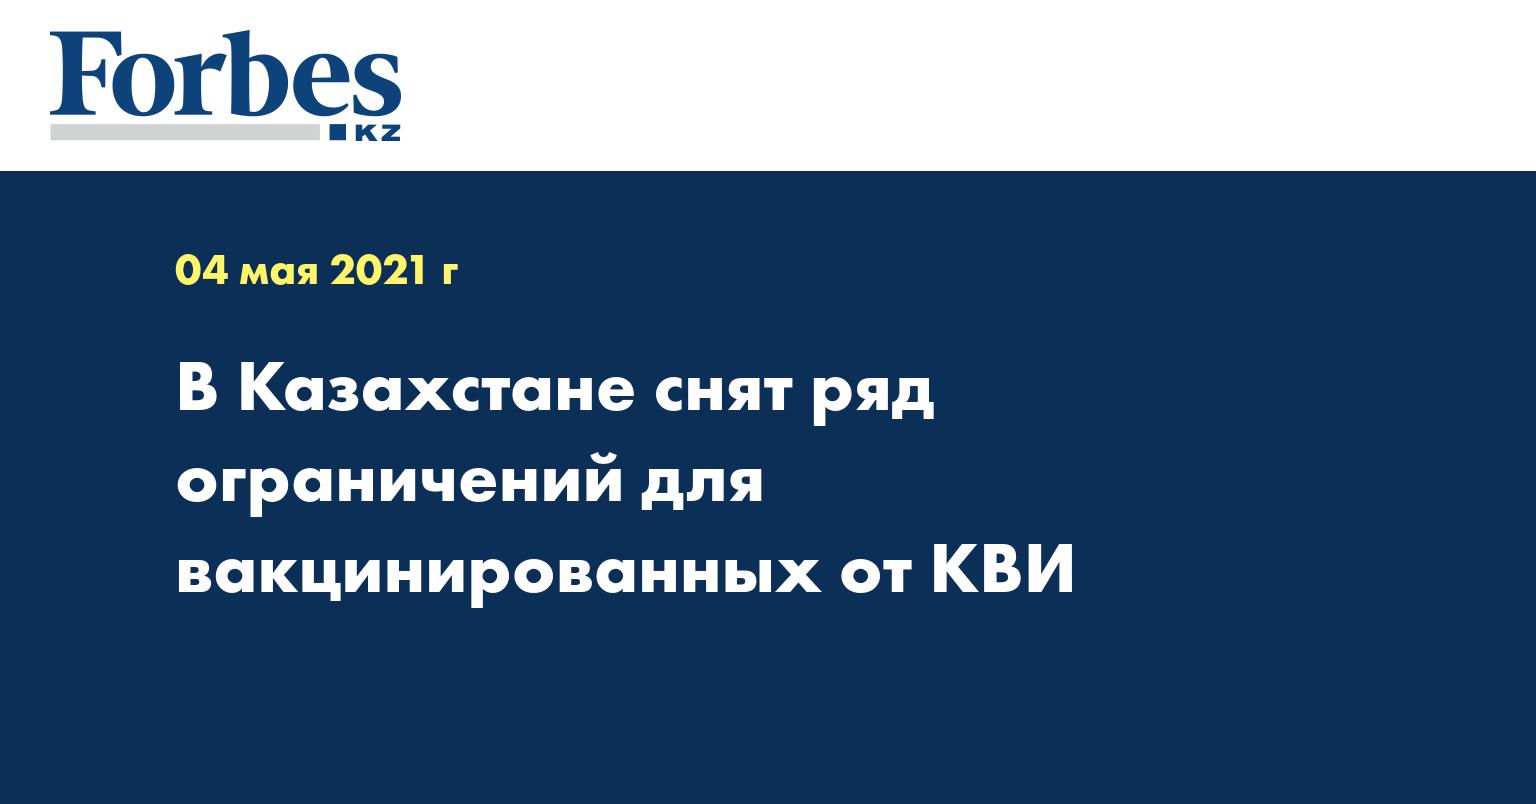 В Казахстане снят ряд ограничений для вакцинированных от КВИ